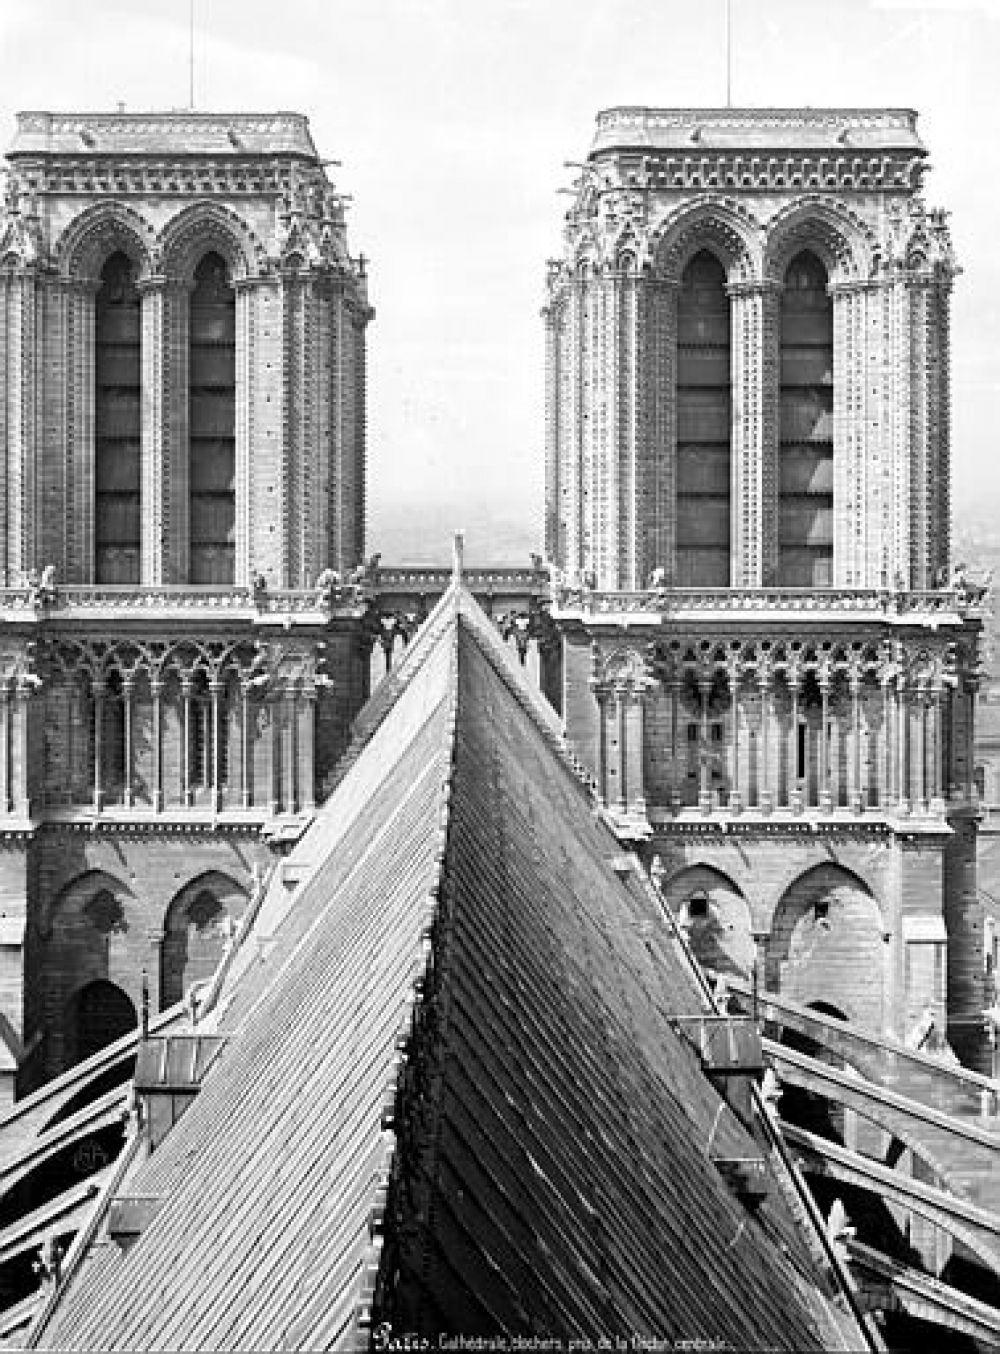 Башни, вид с крыши собора (фотоснимок, 1892).